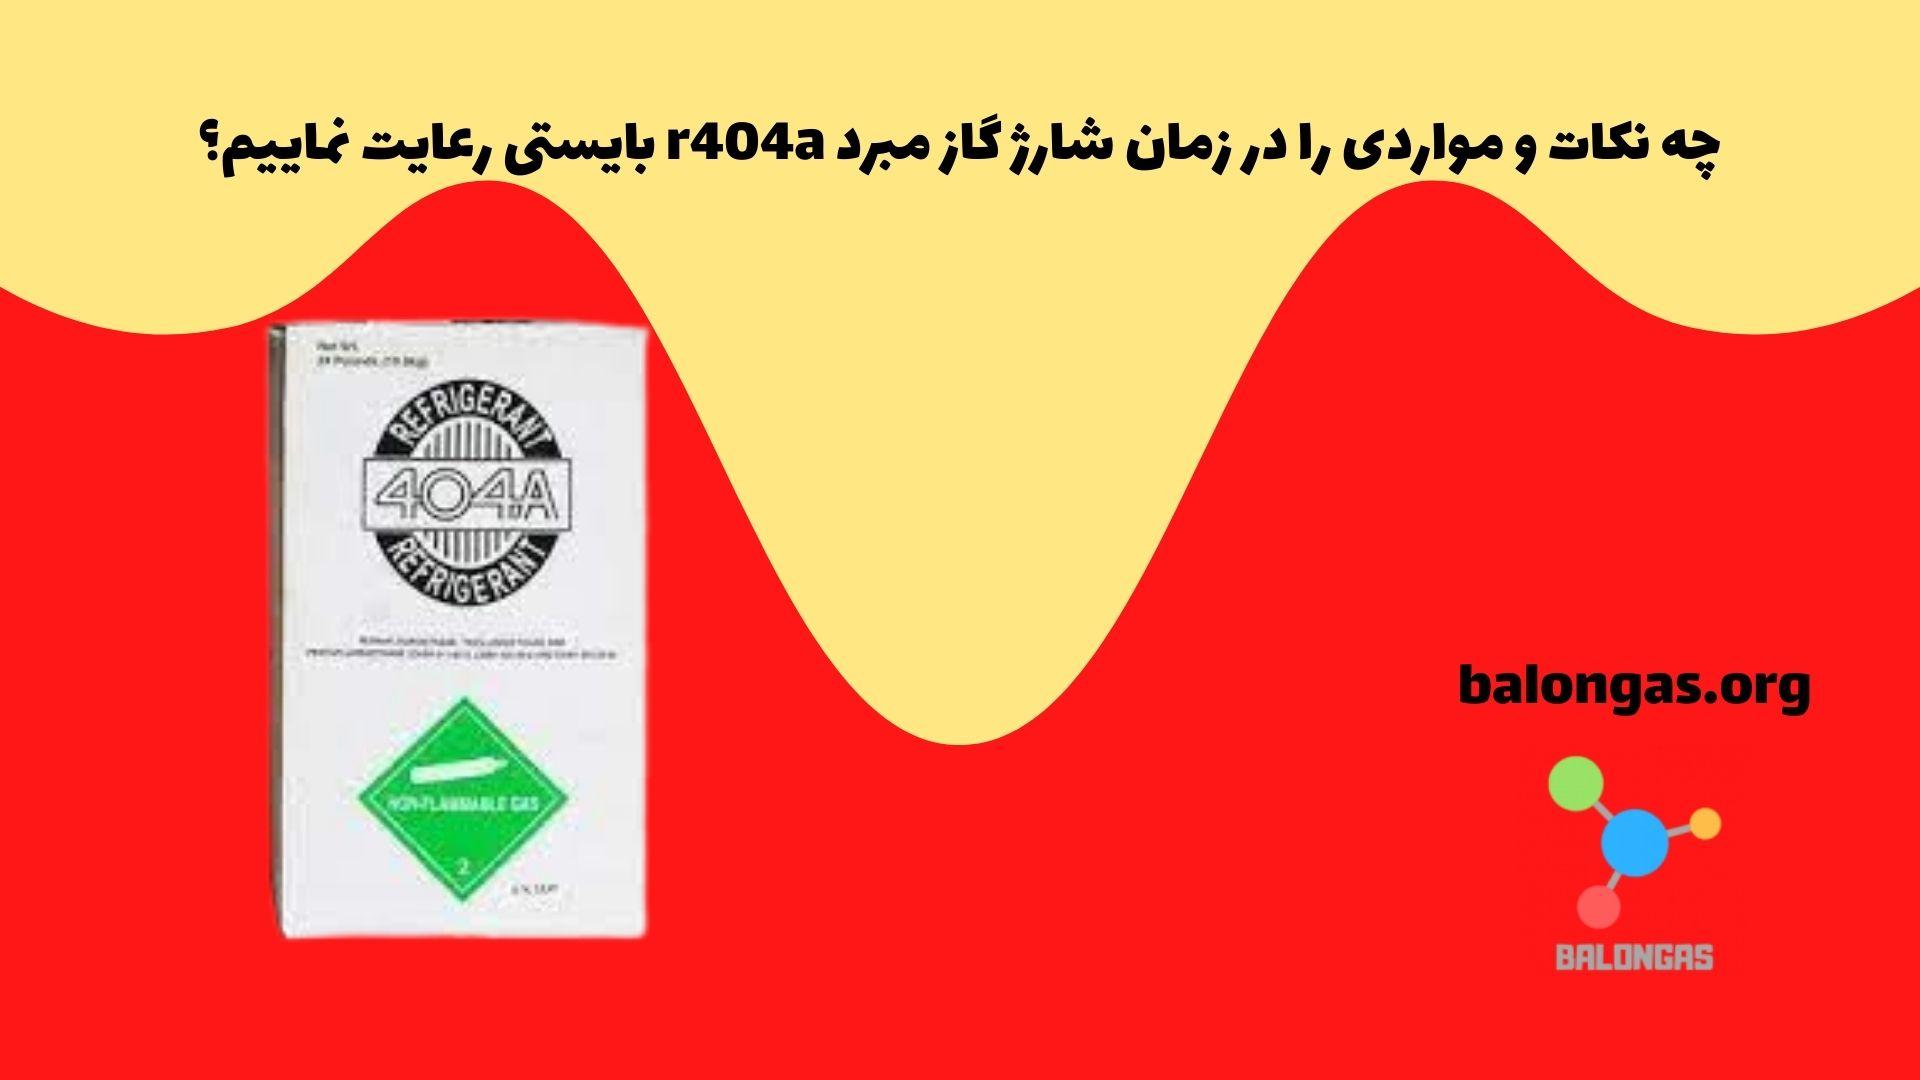 چه نکات و مواردی را در زمان شارژ گاز مبرد r404a بایستی رعایت نماییم؟